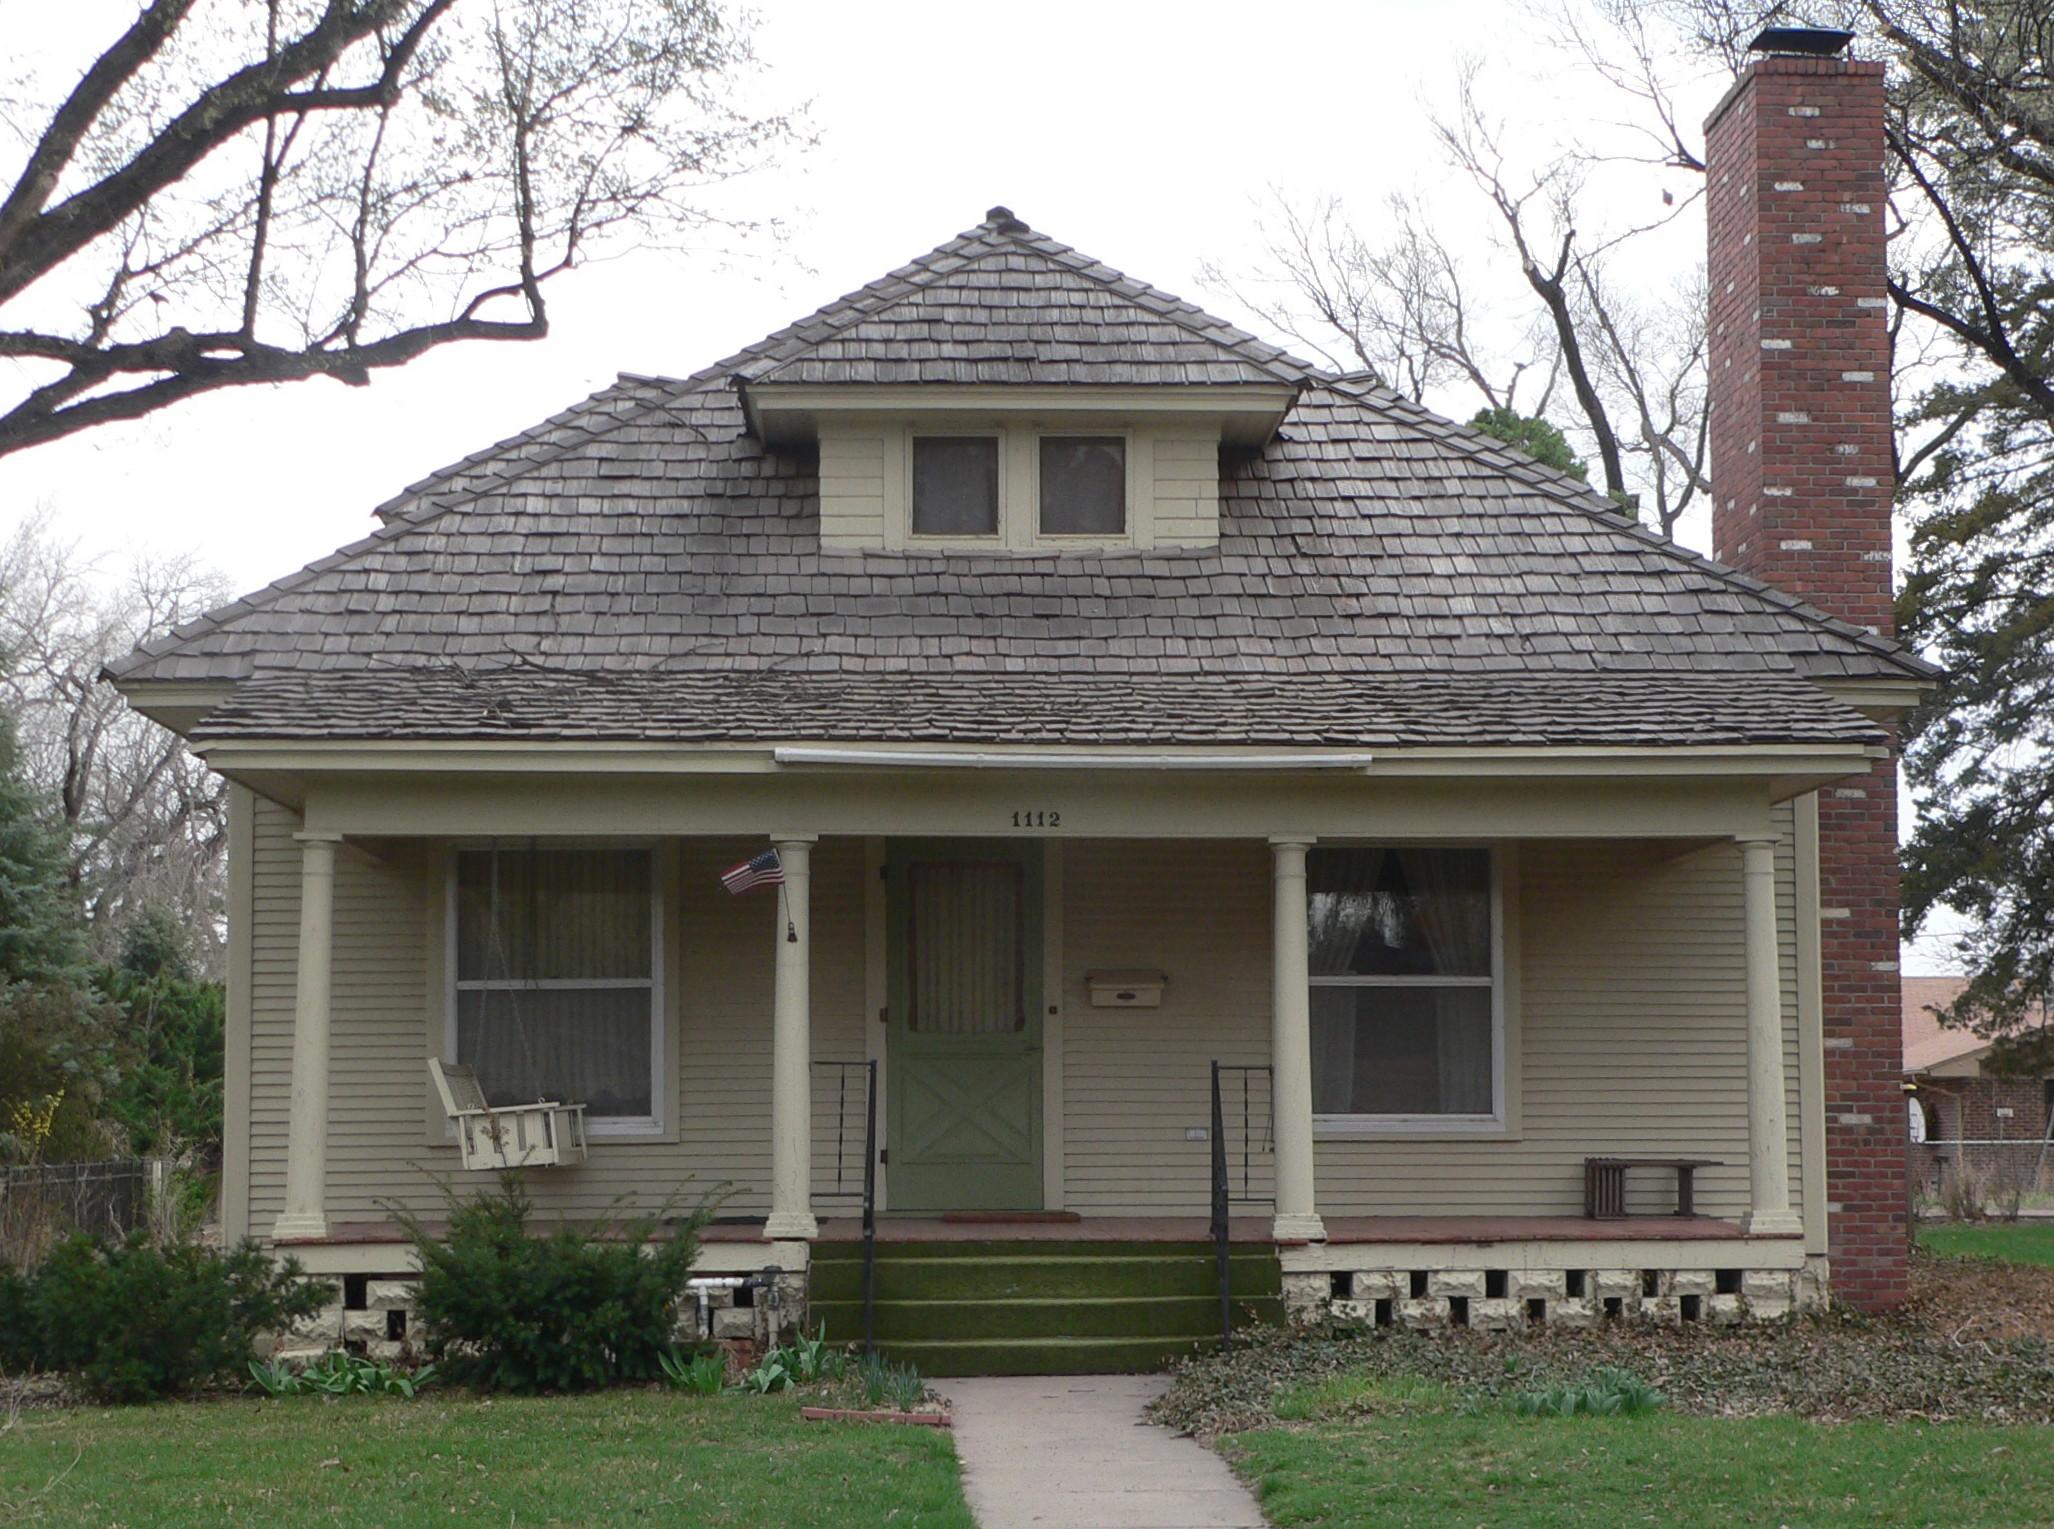 File:Hope House (Garden City KS) From N 1.JPG